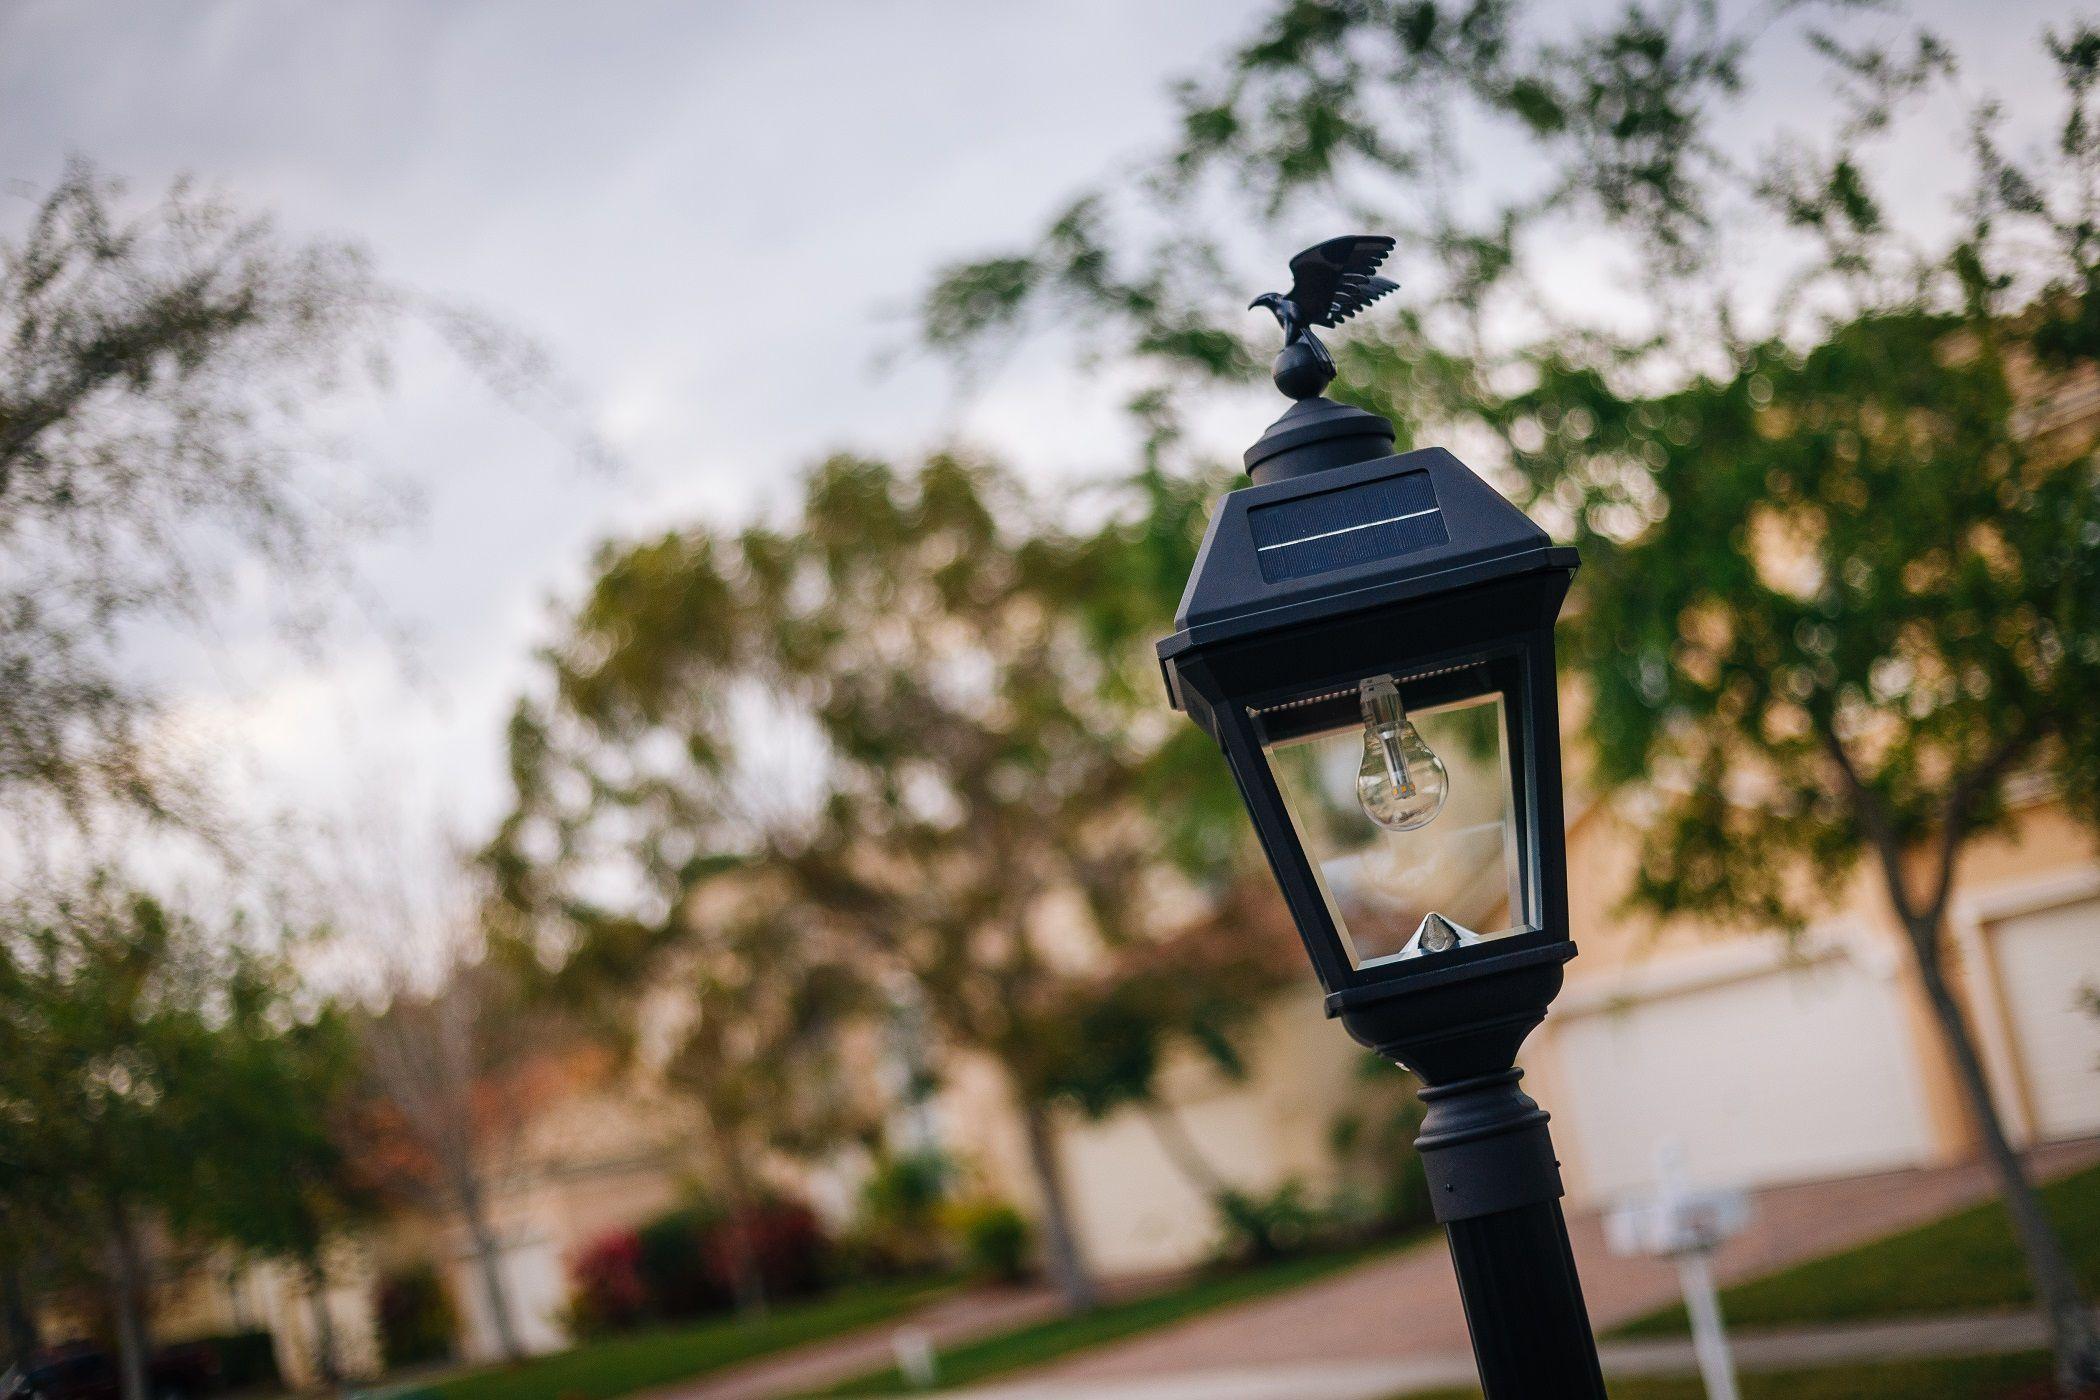 Imperial Bulb Solar Lamp 3 Pole Mount With Gs Solar Led Light Bulb Gs 97b F Solar Powered Outdoor Lights Solar Led Lights Solar Lamp Post